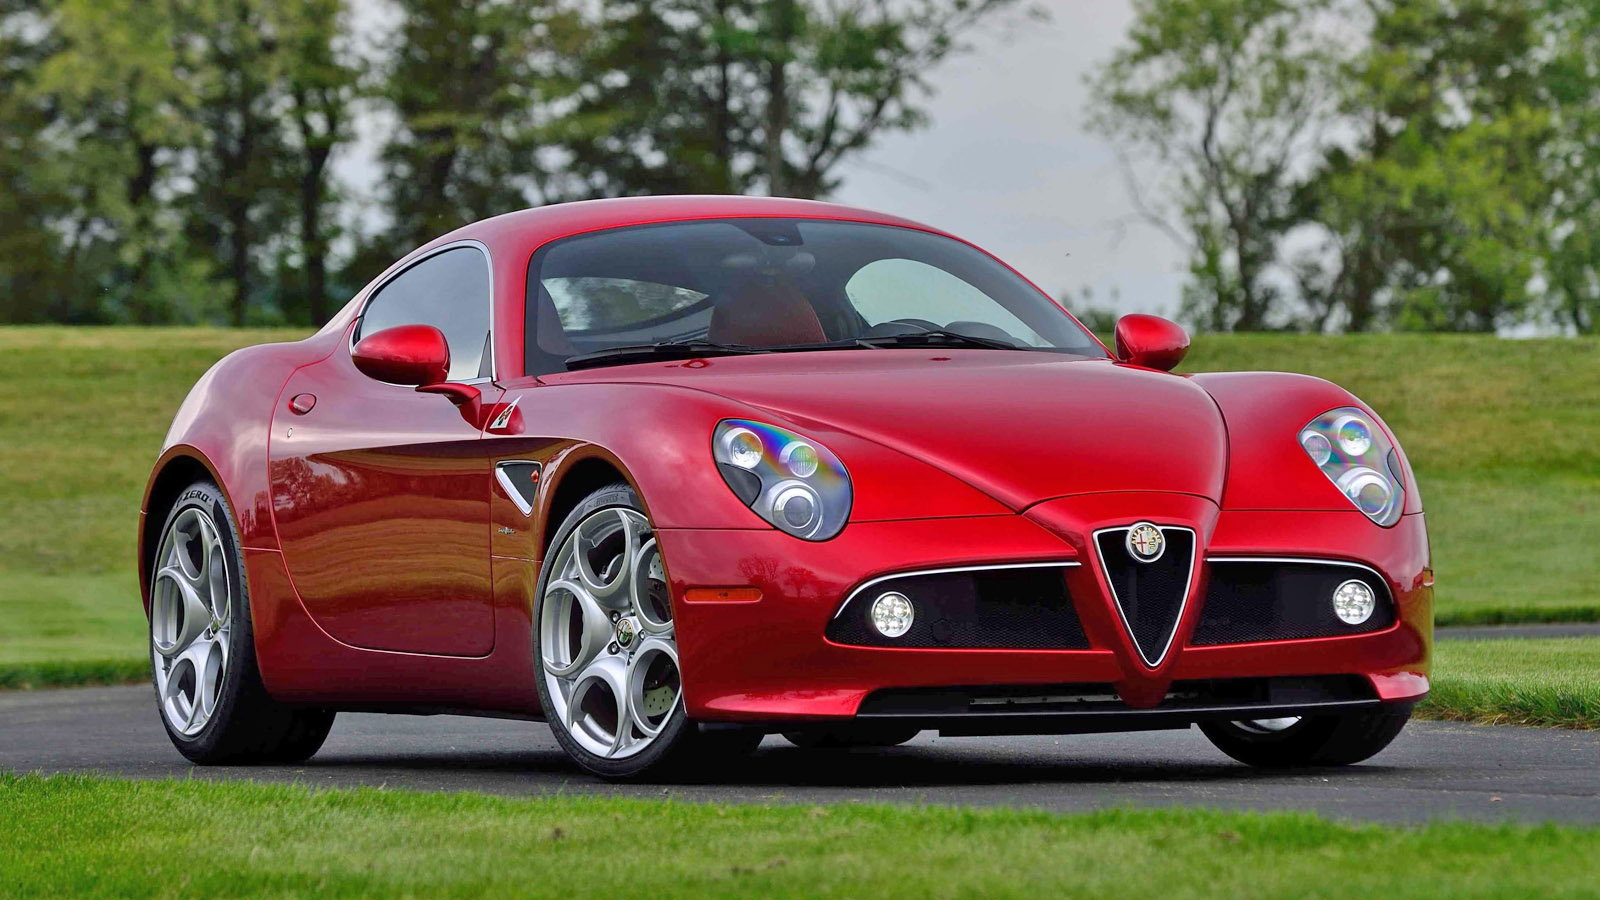 Alfa Romeo's All New Super Car 8C